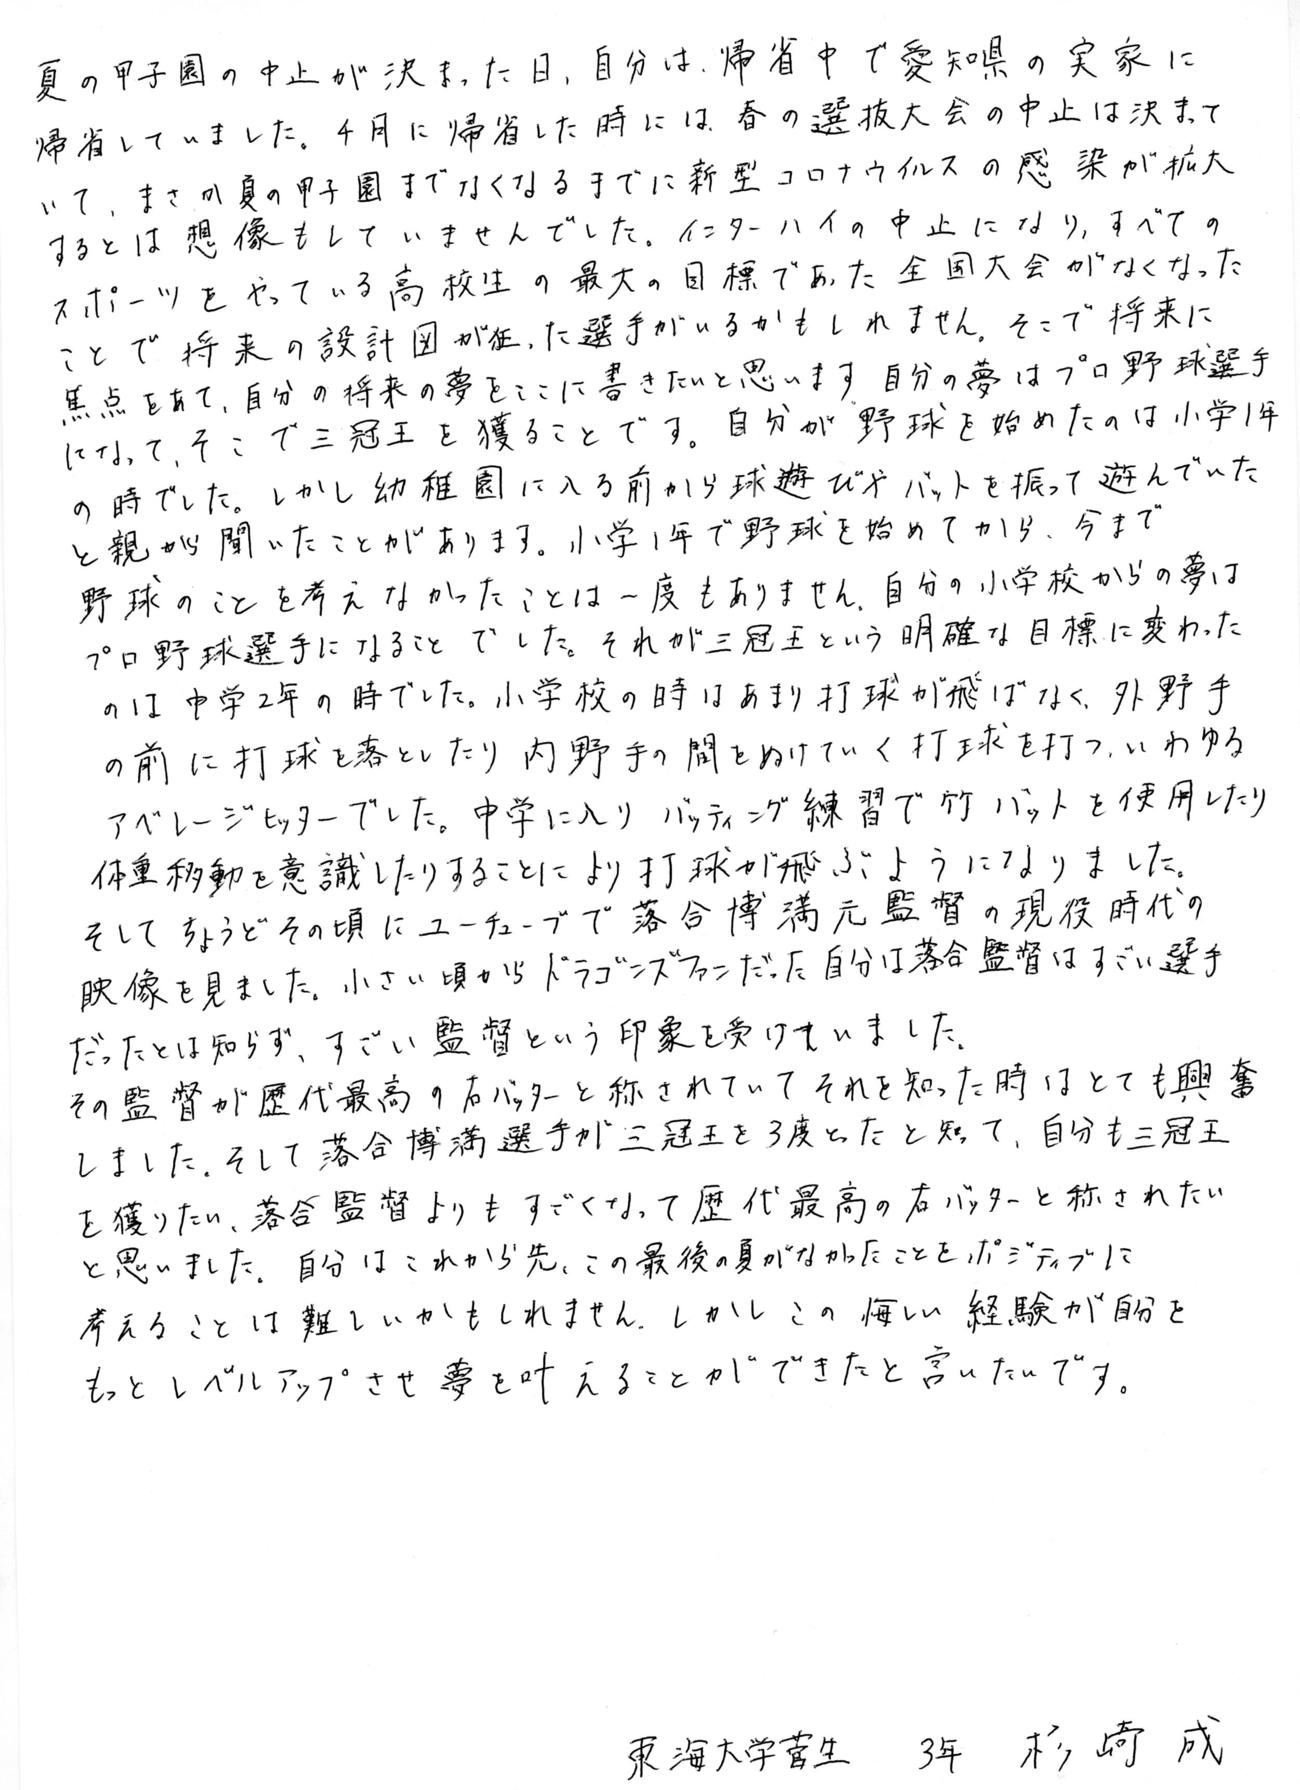 東海大学菅生・杉崎成選手から将来の自分への手紙